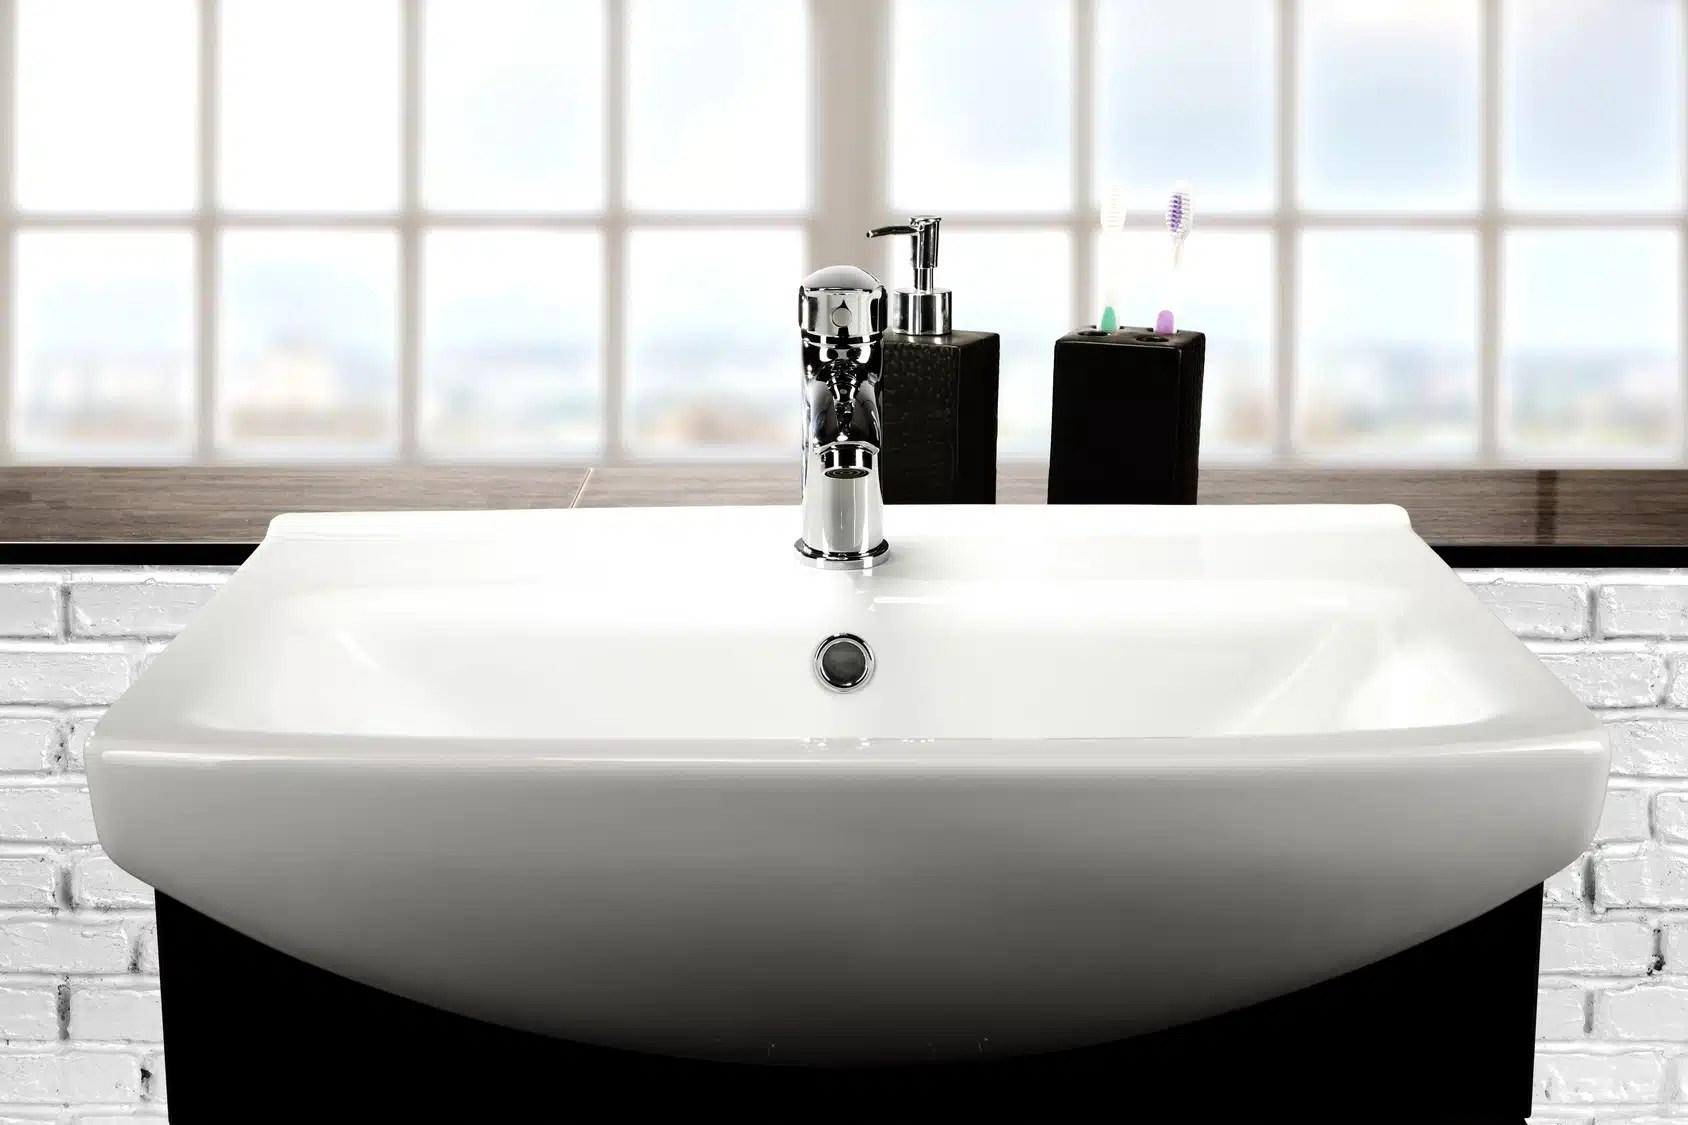 Comment Bien Choisir Le Lavabo De Votre Salle De Bain